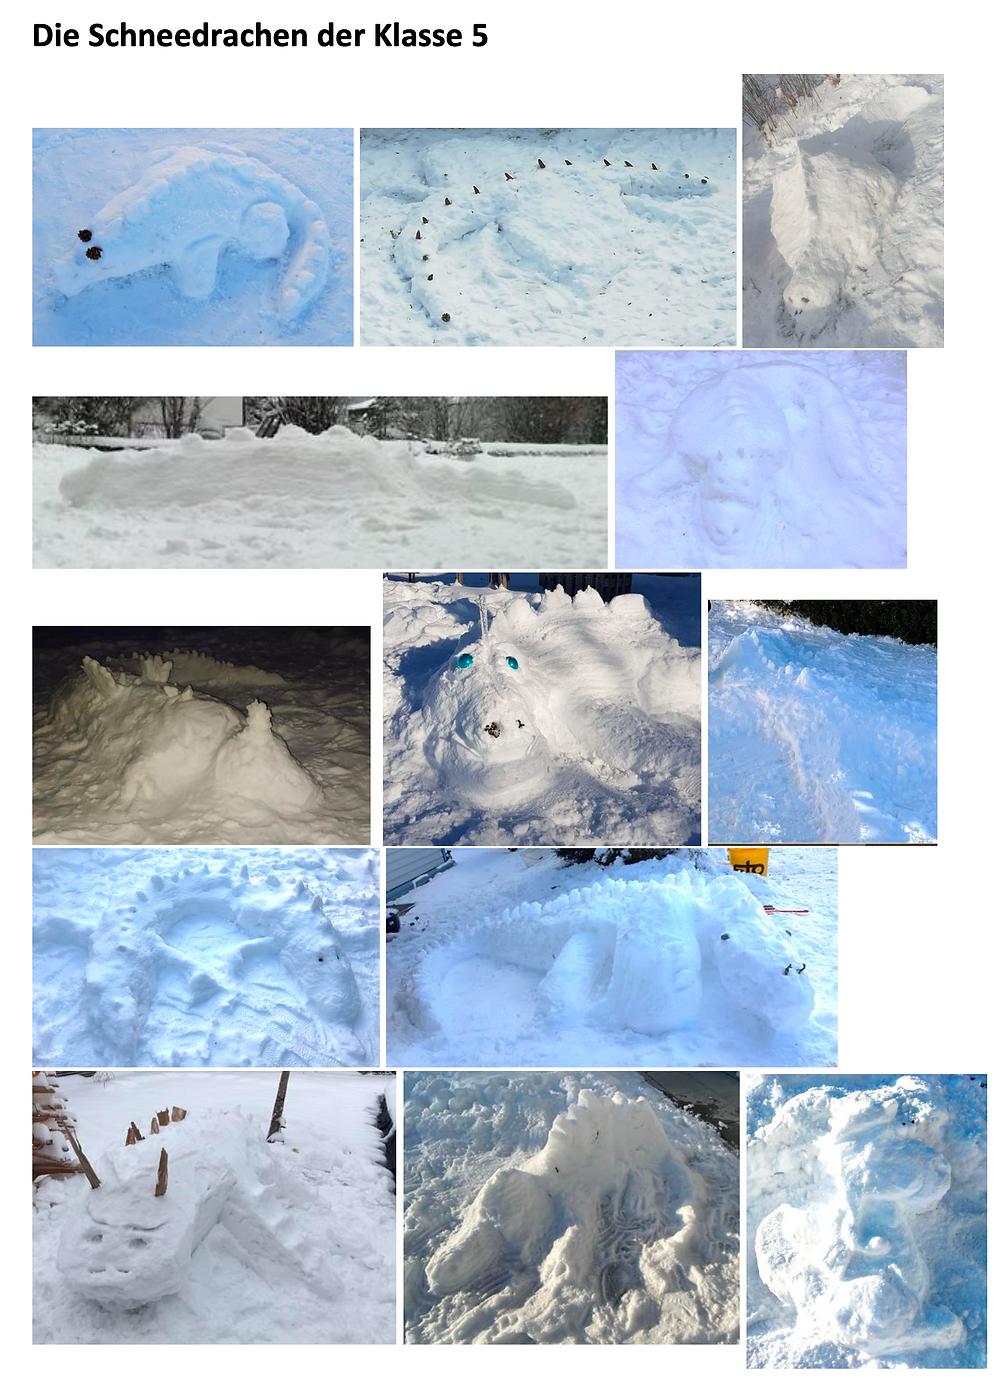 Beispiele der Schneedrachen